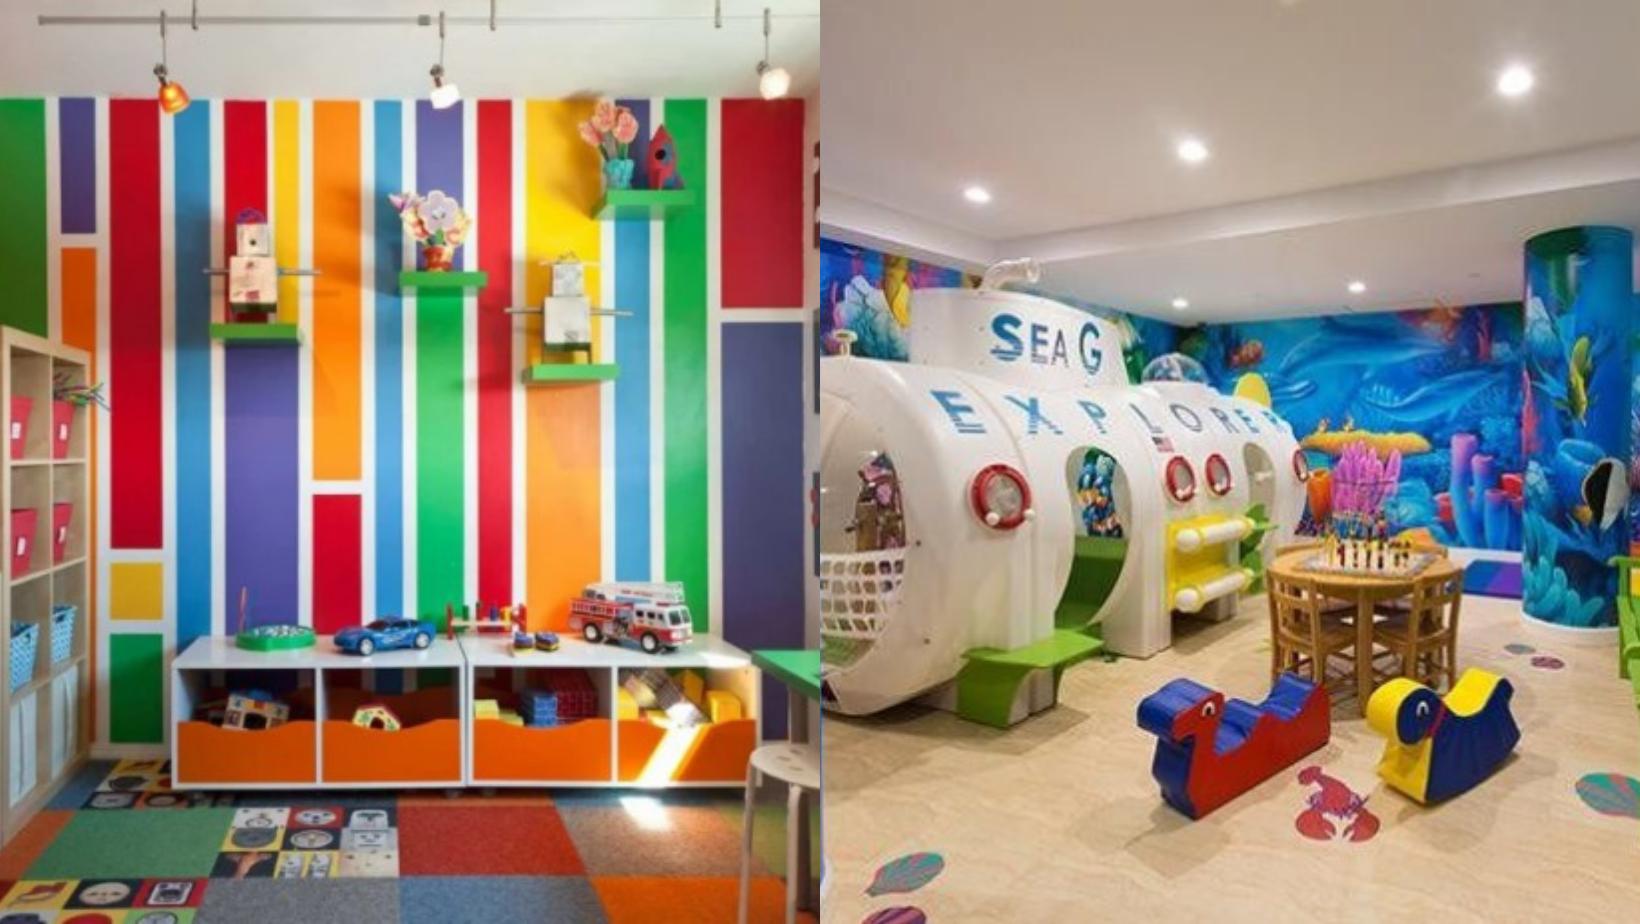 Bày cách cho cha mẹ thiết kế không gian vui chơi cho trẻ đầy sáng tạo